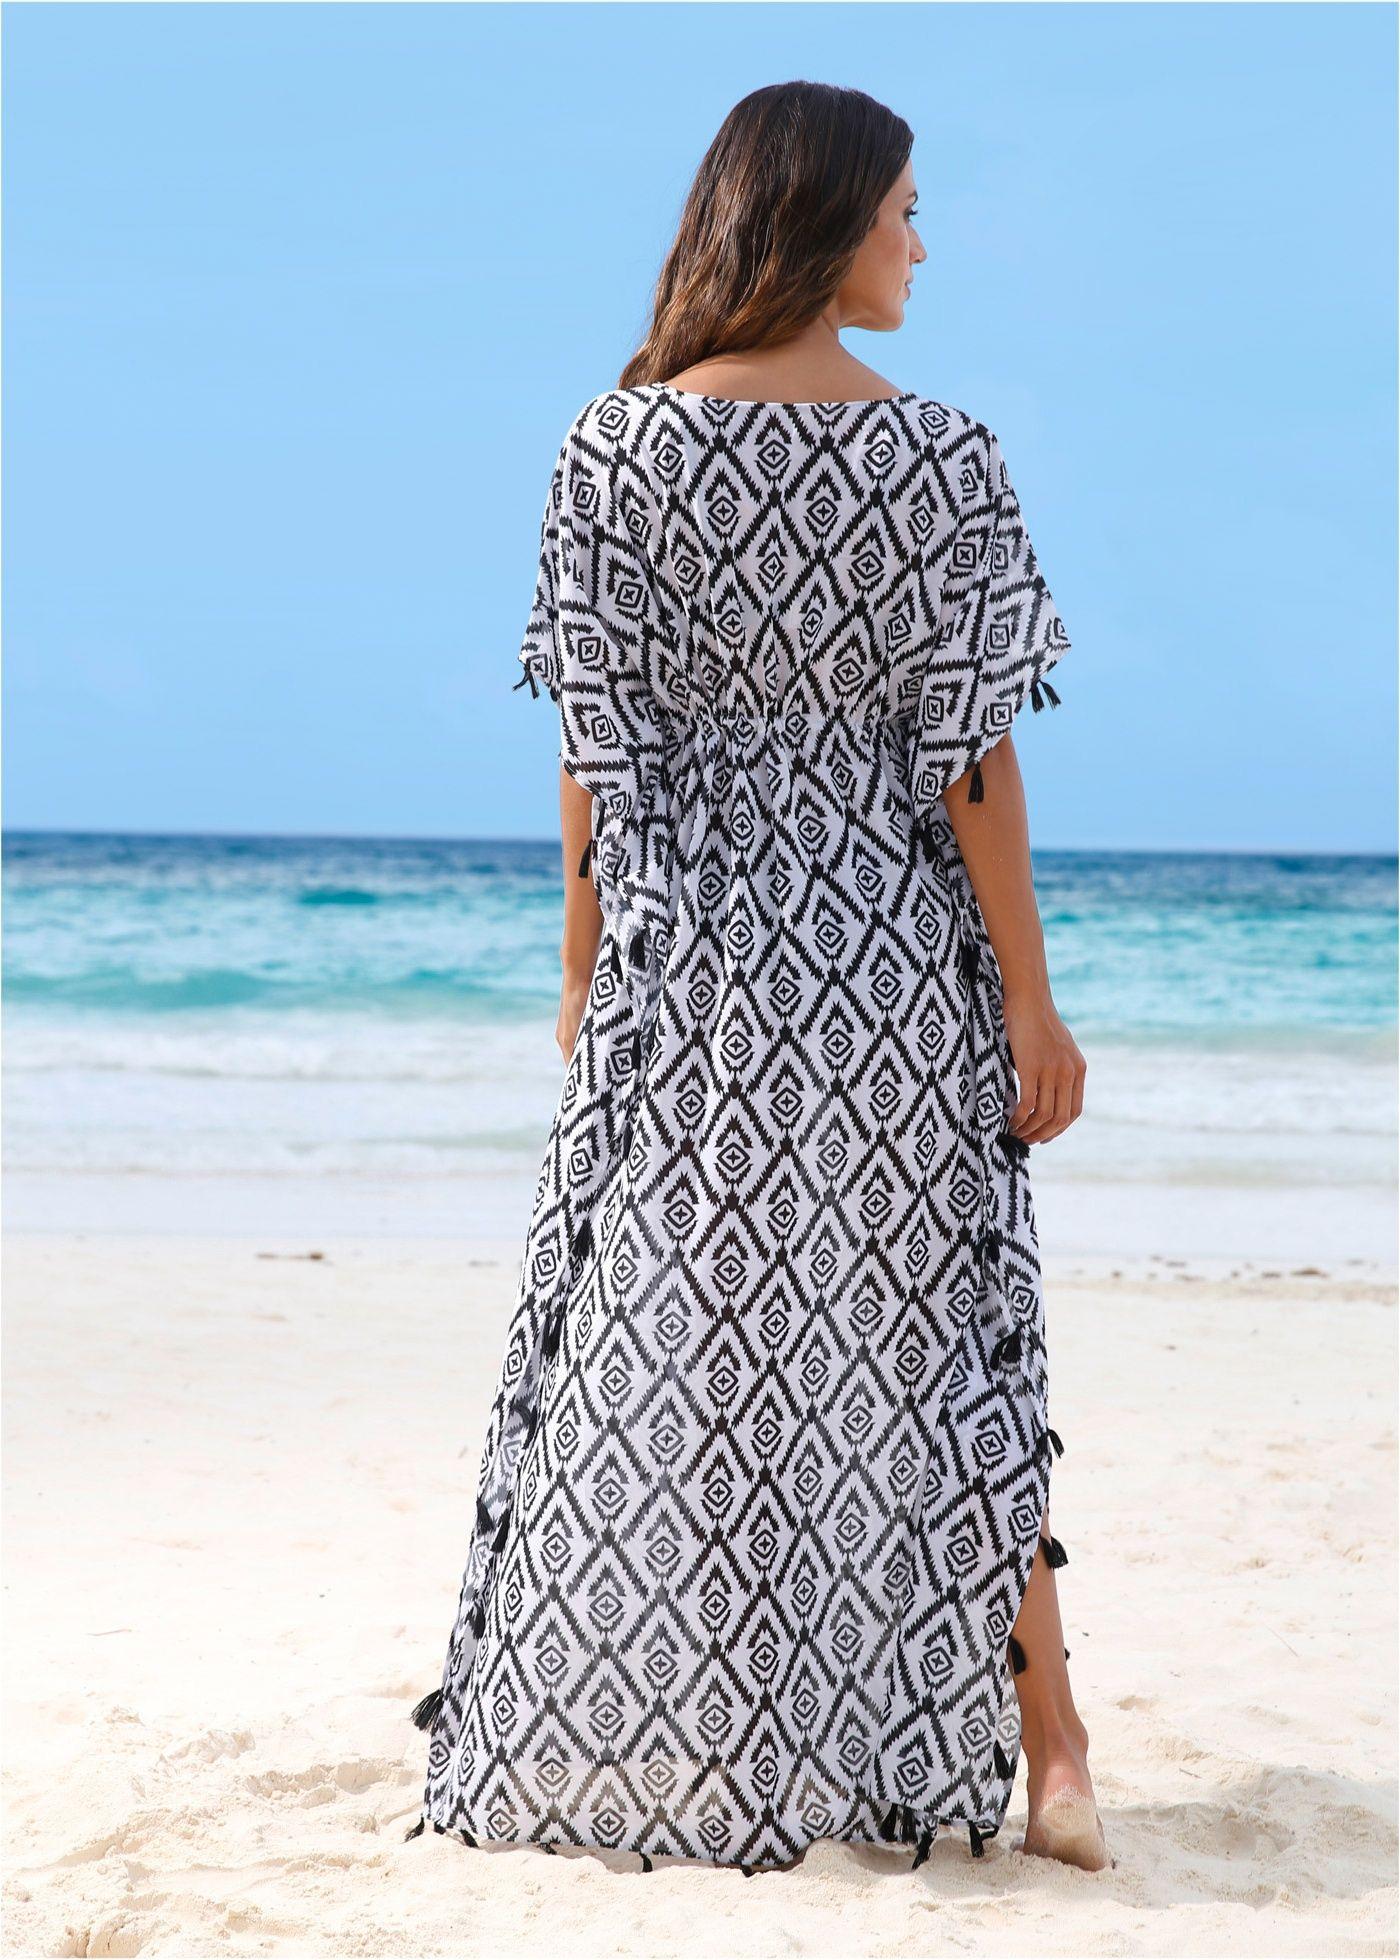 c83242ac024e Strandklänning svart/vit, mönstrad - bpc selection beställa online -  bonprix.se